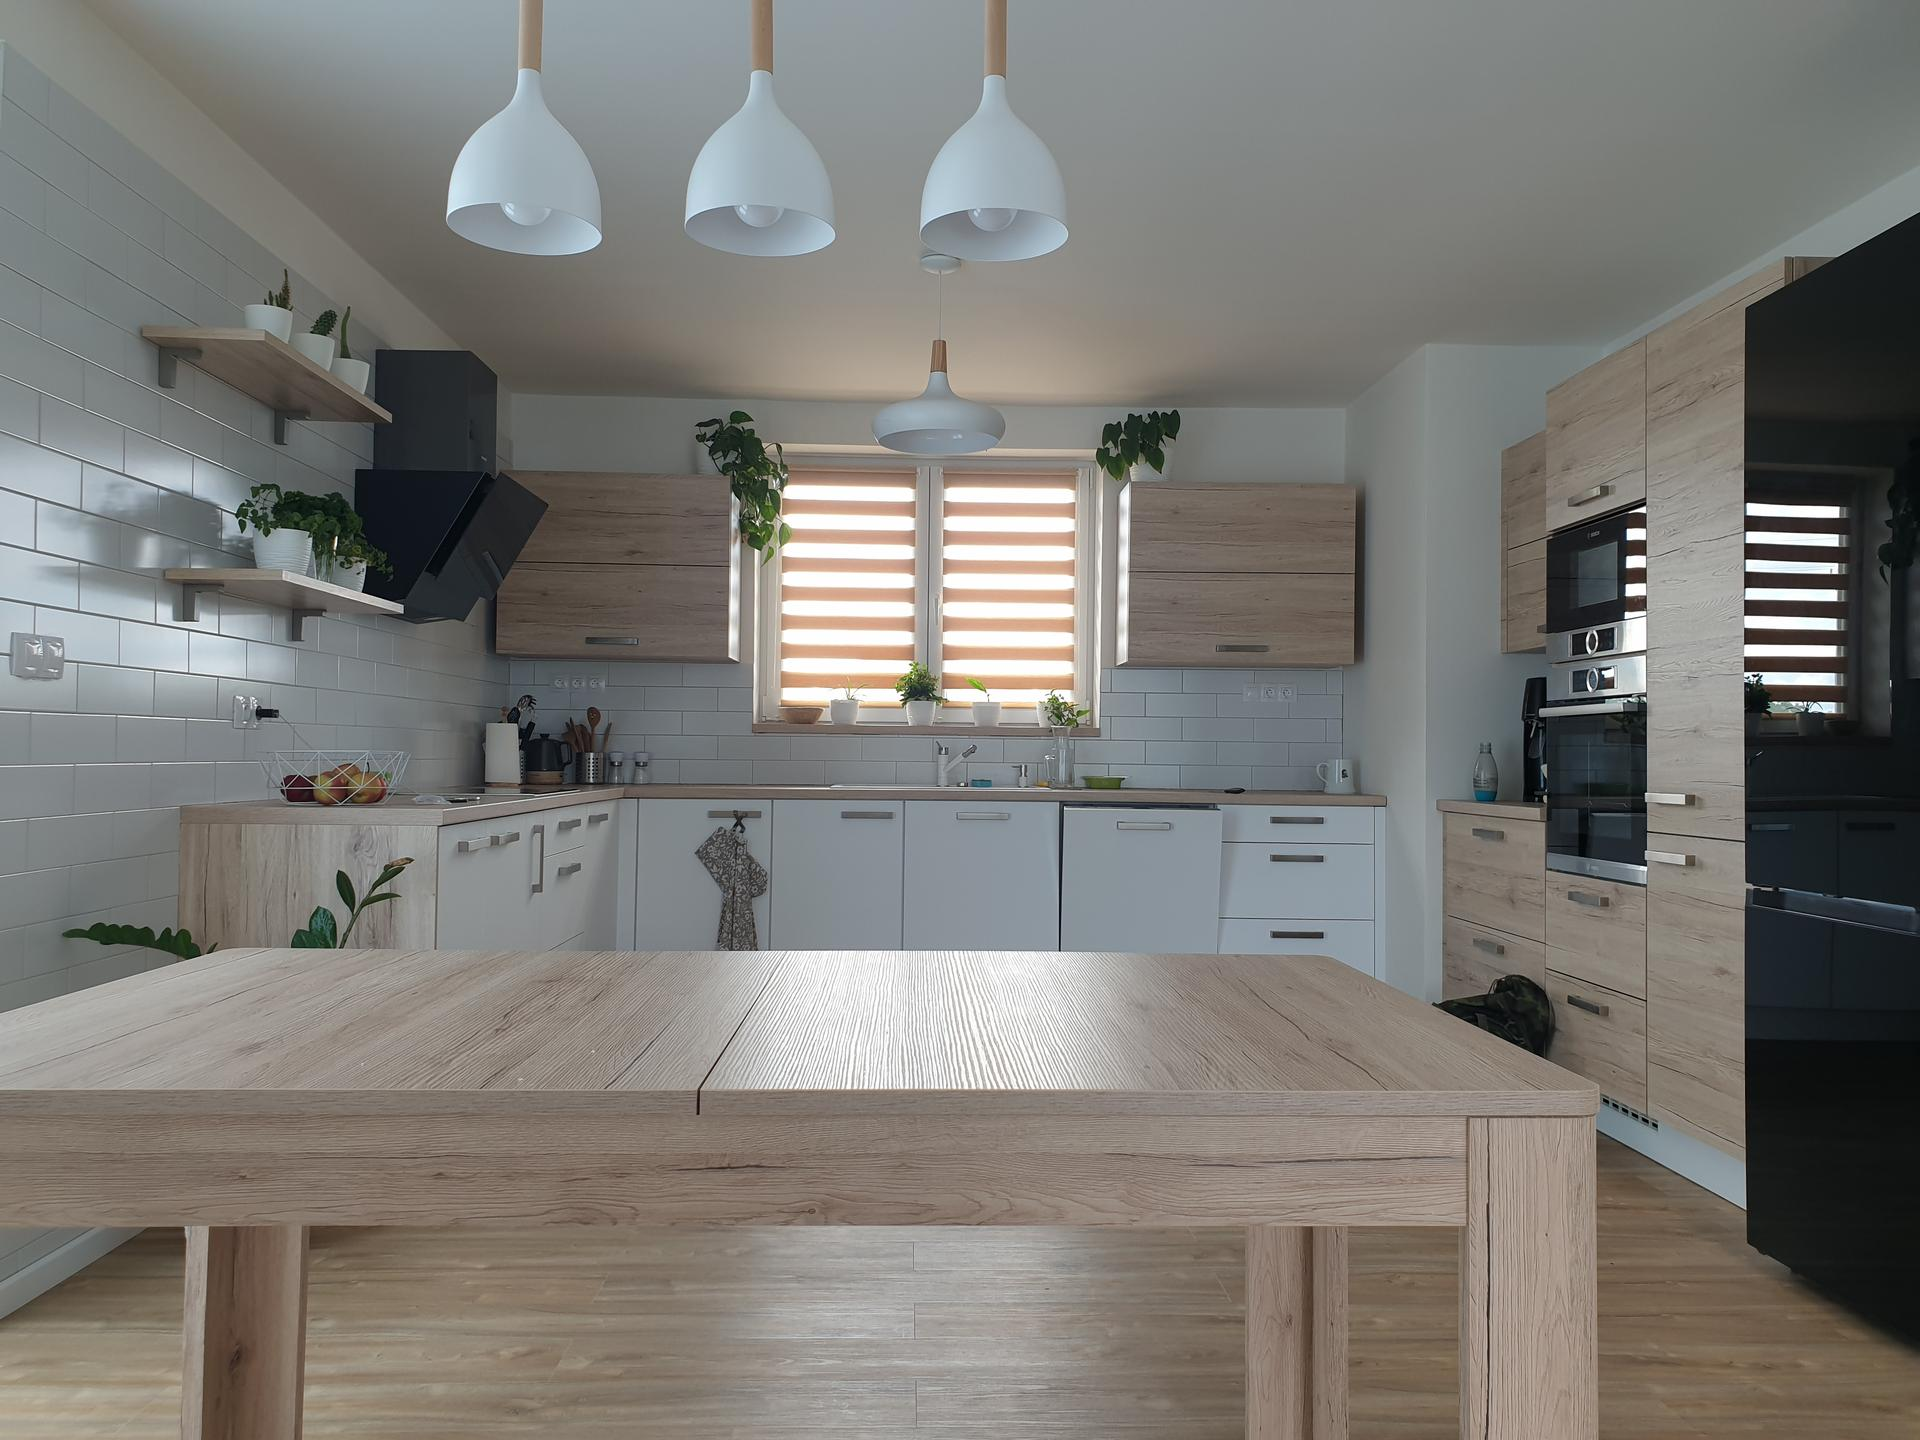 Kuchyně - Obrázek č. 10